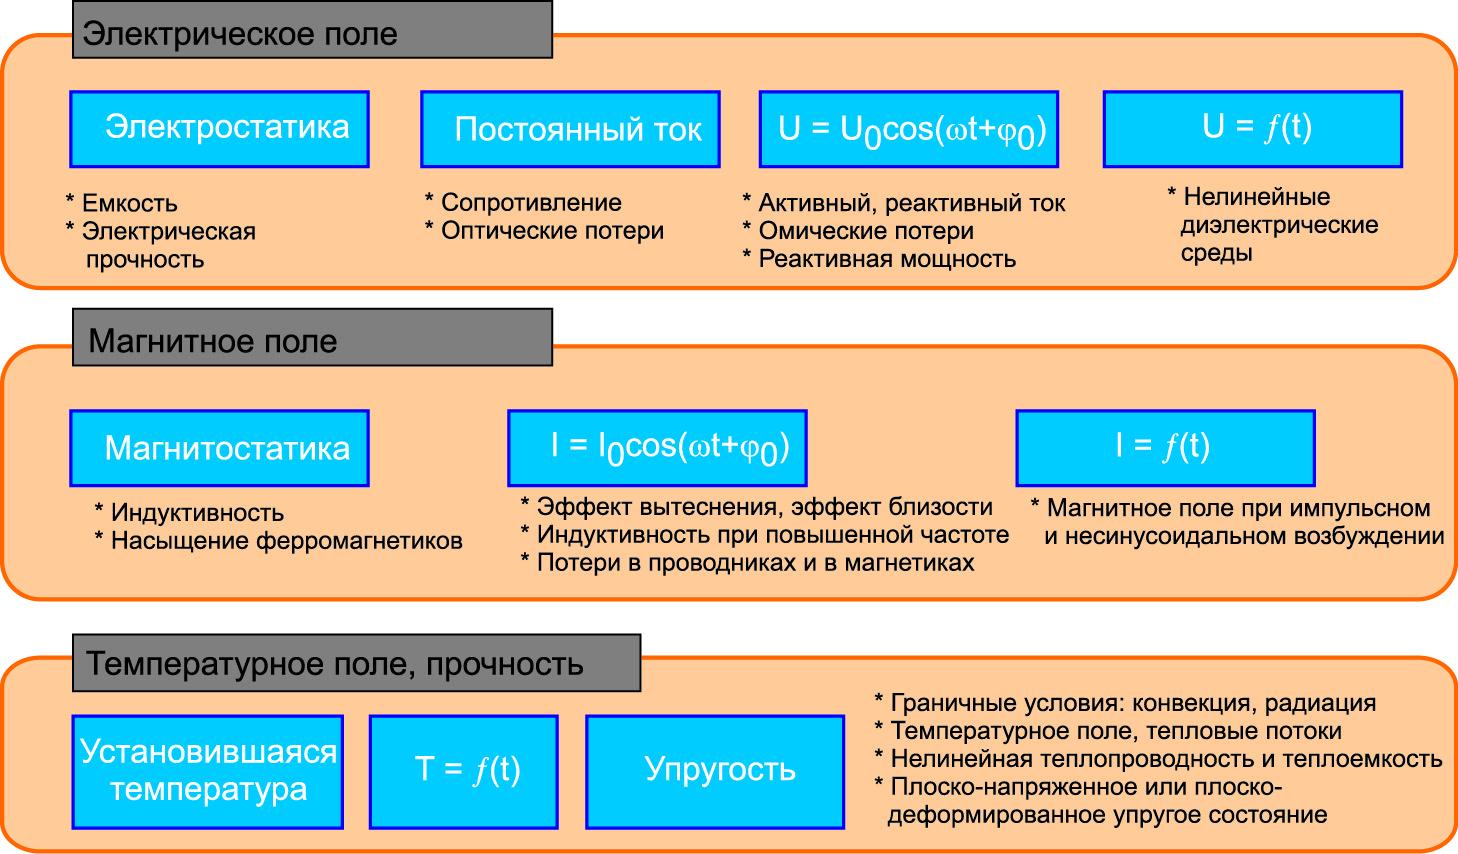 Обзор постановок задач в ELCUT